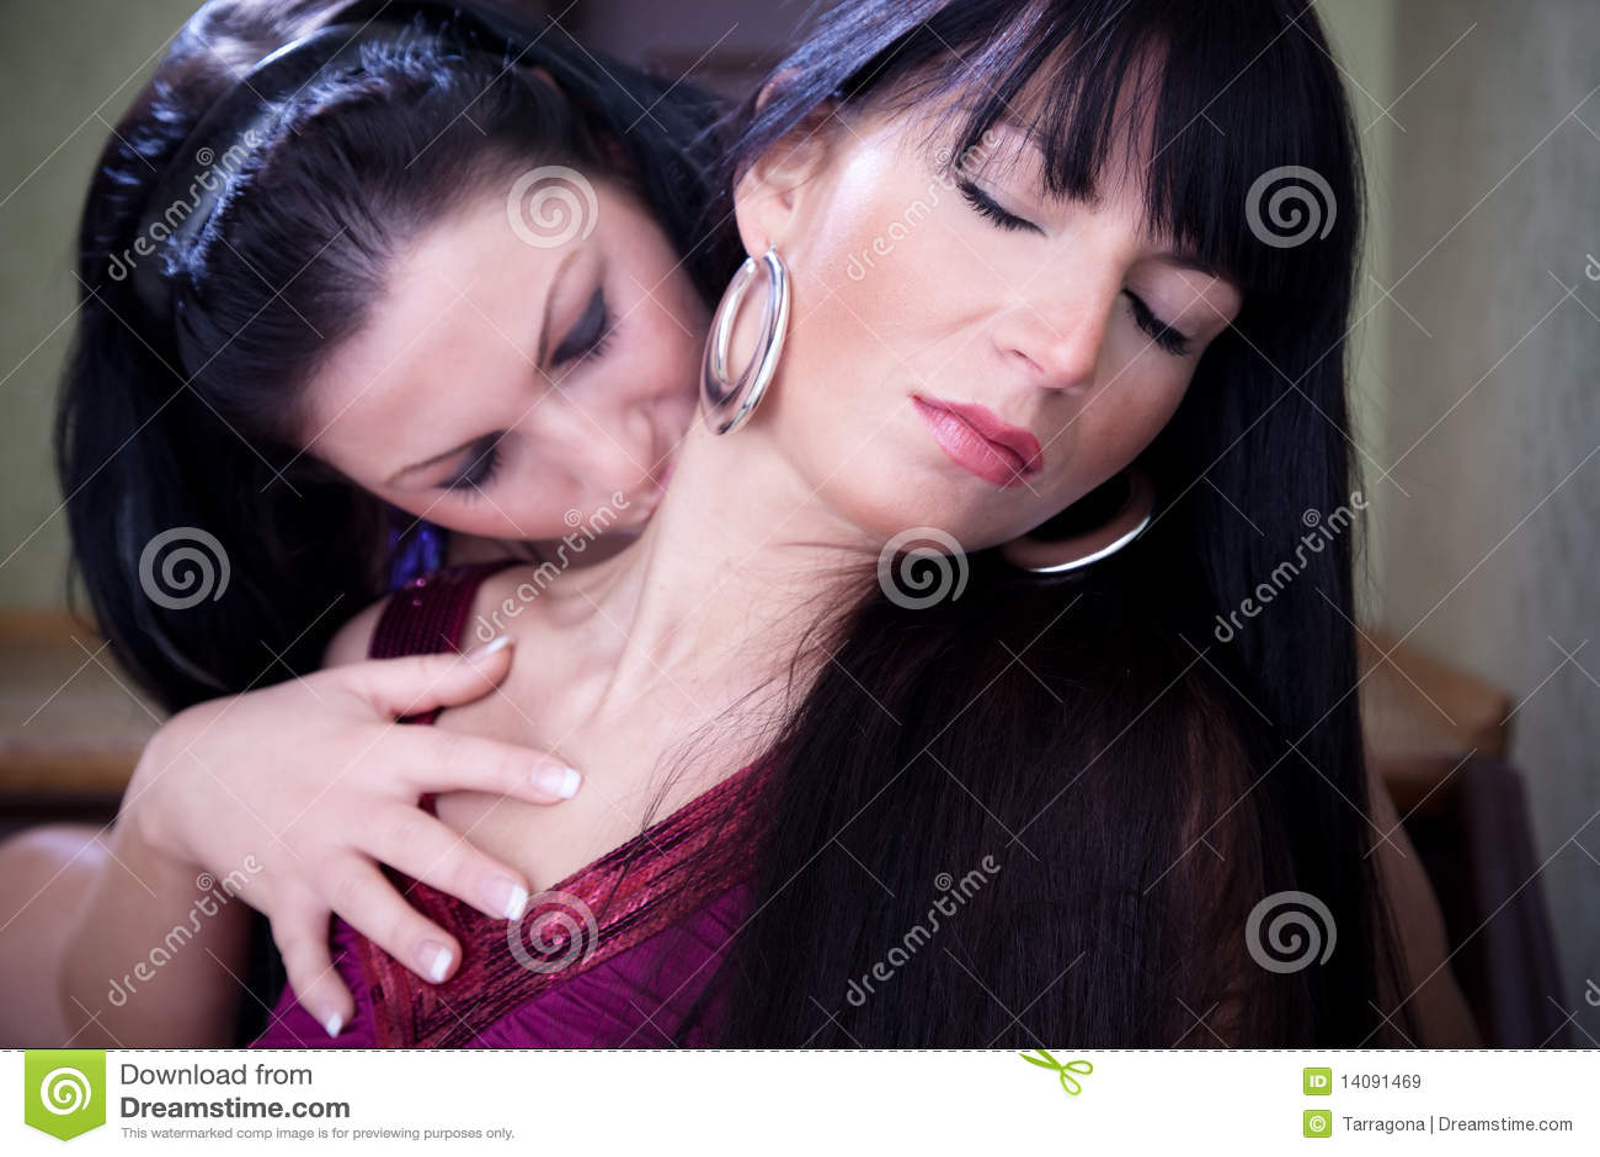 sexe lesbienne en colère Lesbain sexe films